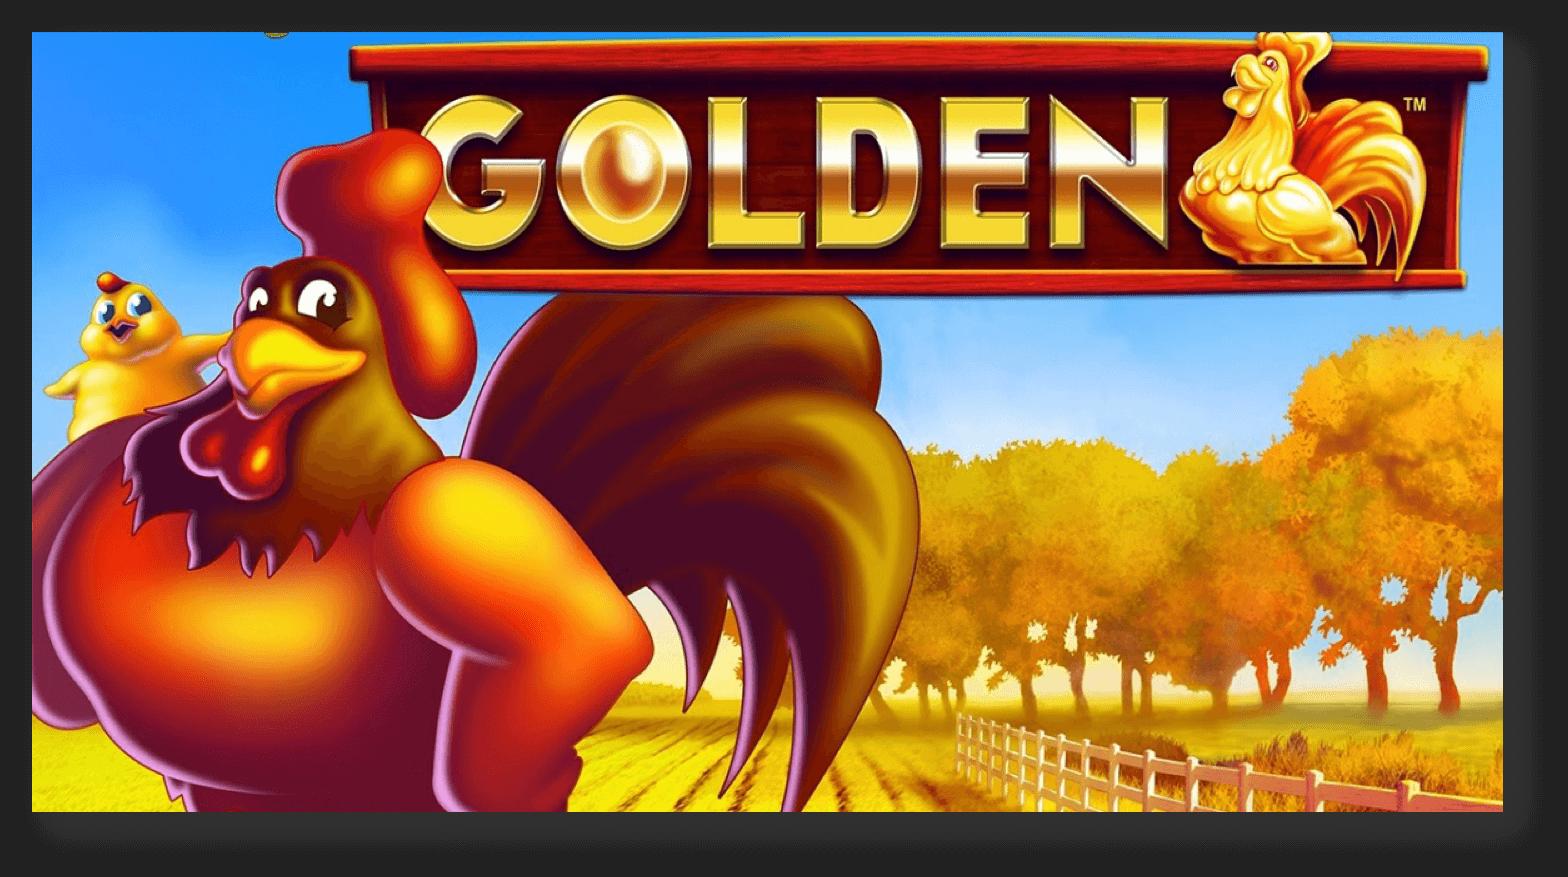 NextGen Golden Mobile Slot